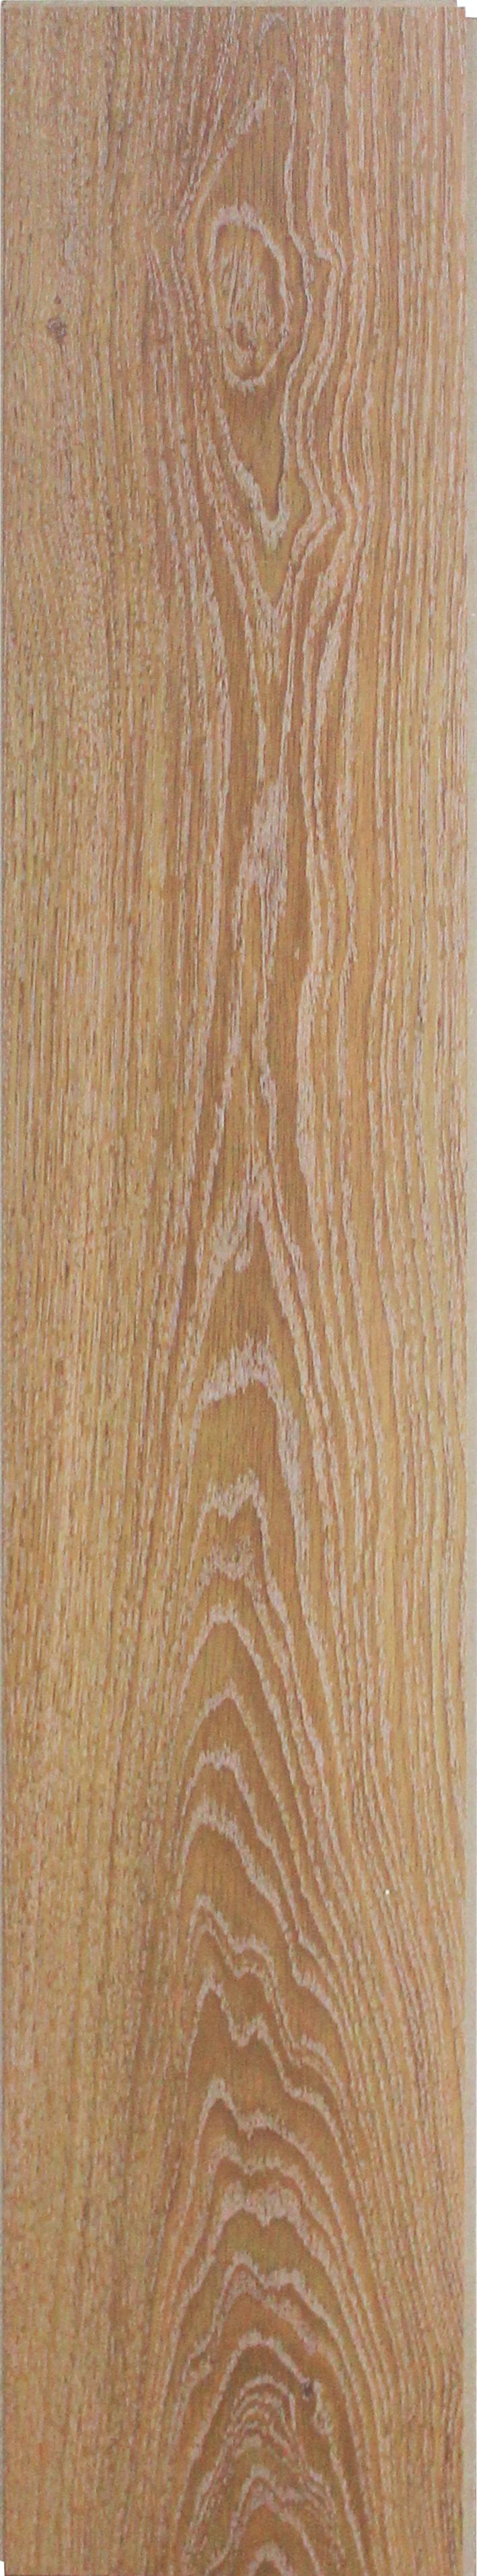 7602-Liverpool Limed Oak